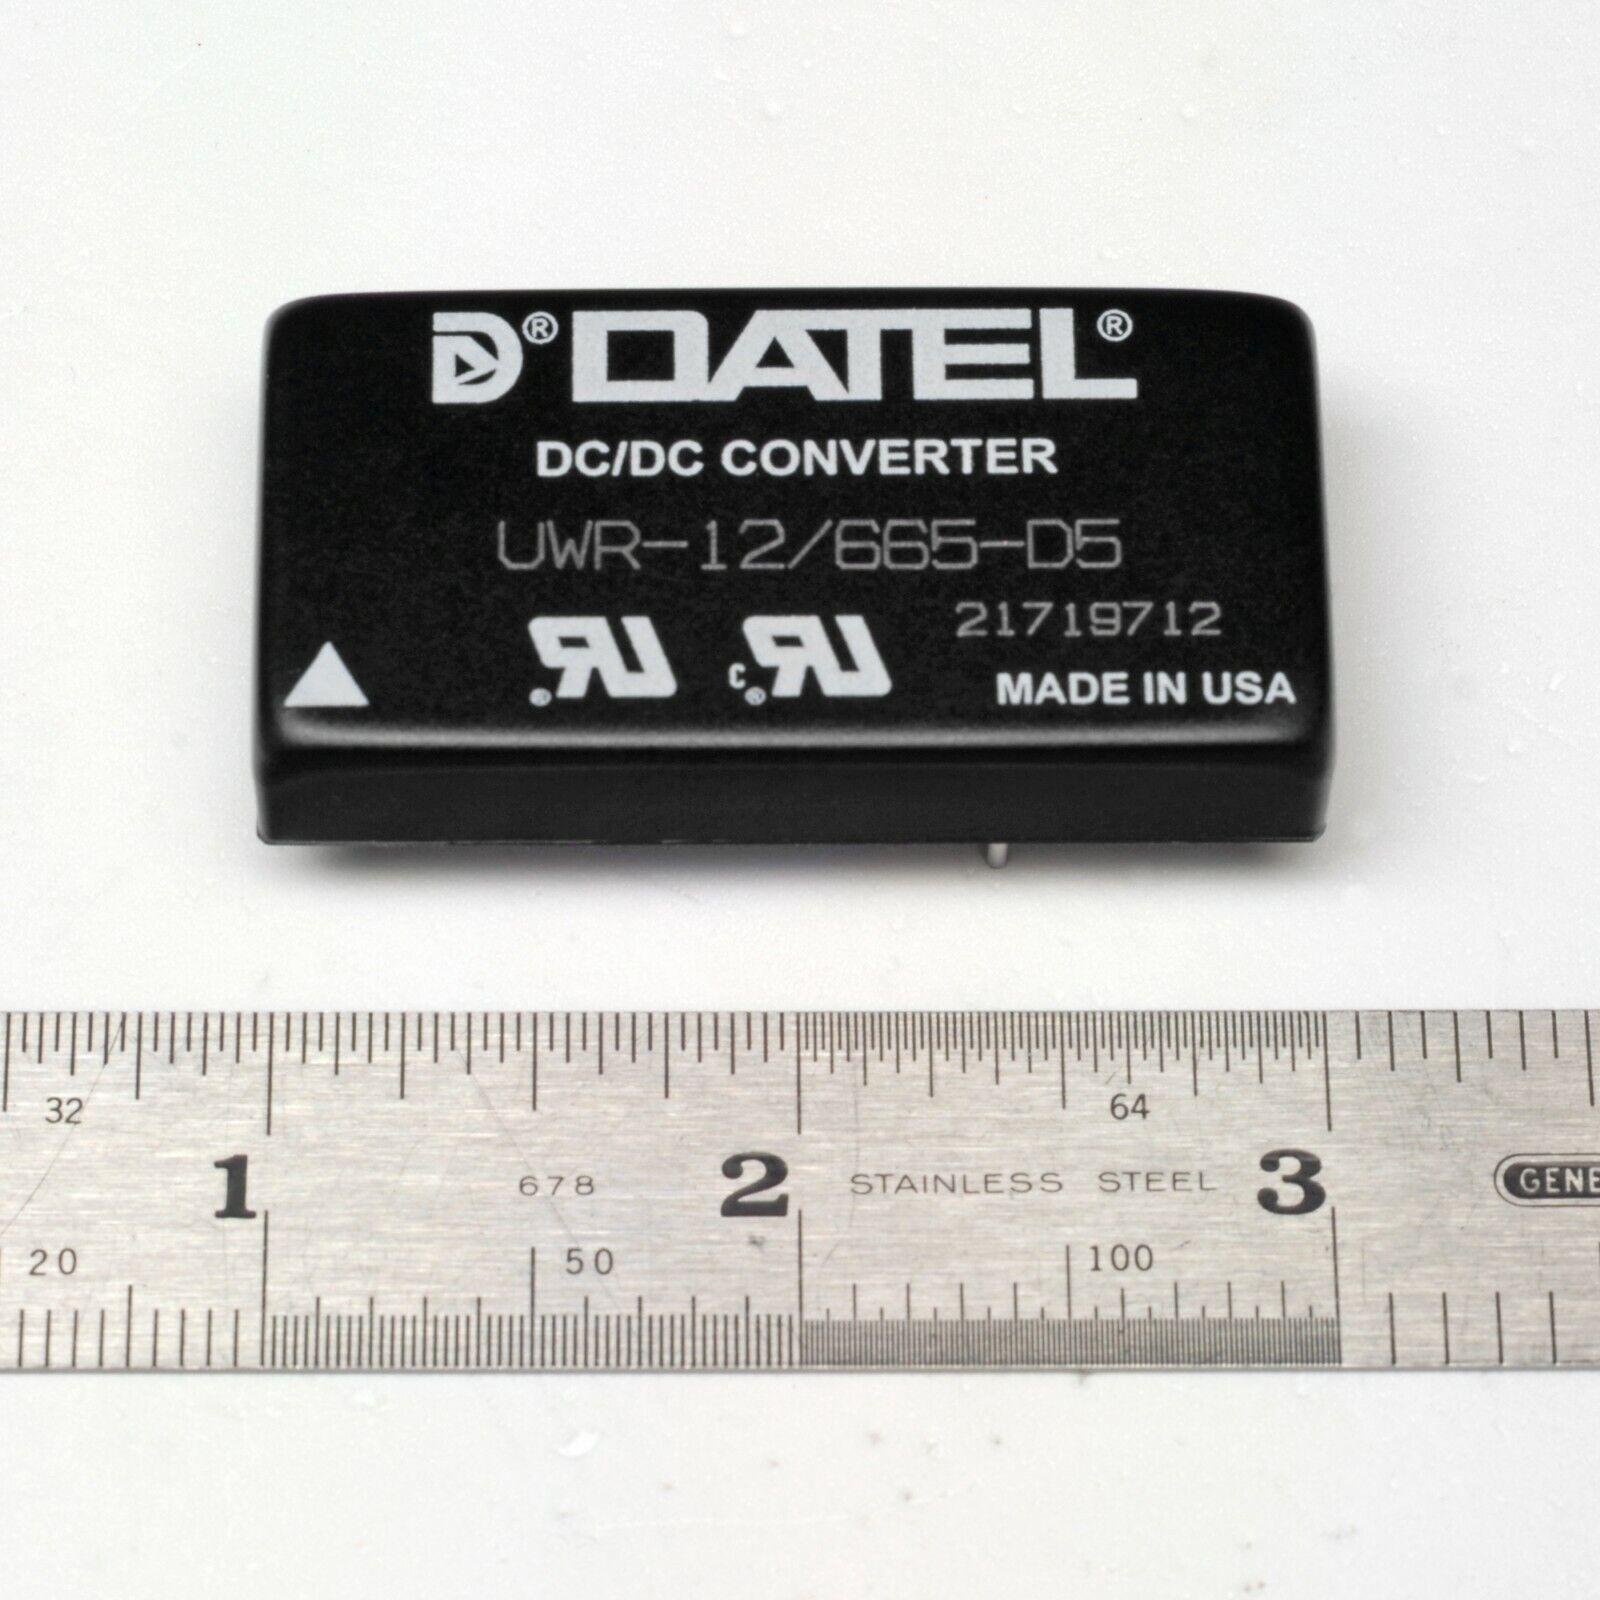 Uwr-12//250-d5 Datel DC//DC CONVERTER Vout 12vdc 250ma